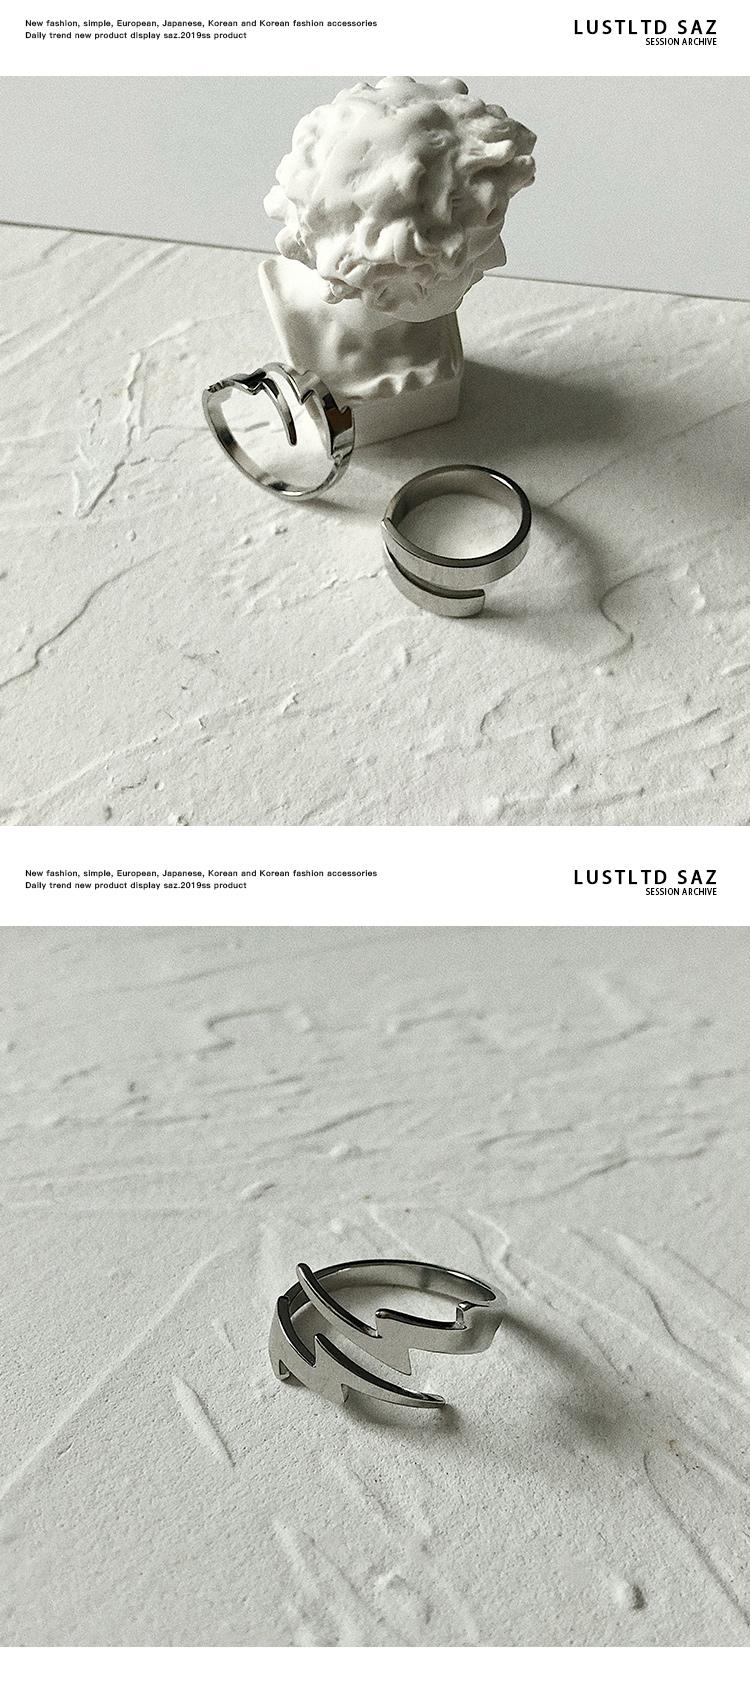 戒指 SAZ 原創潮牌閃電戒指鈦鋼鏤空個性簡約套裝可調節暗黑風指環男女 時尚搬運工